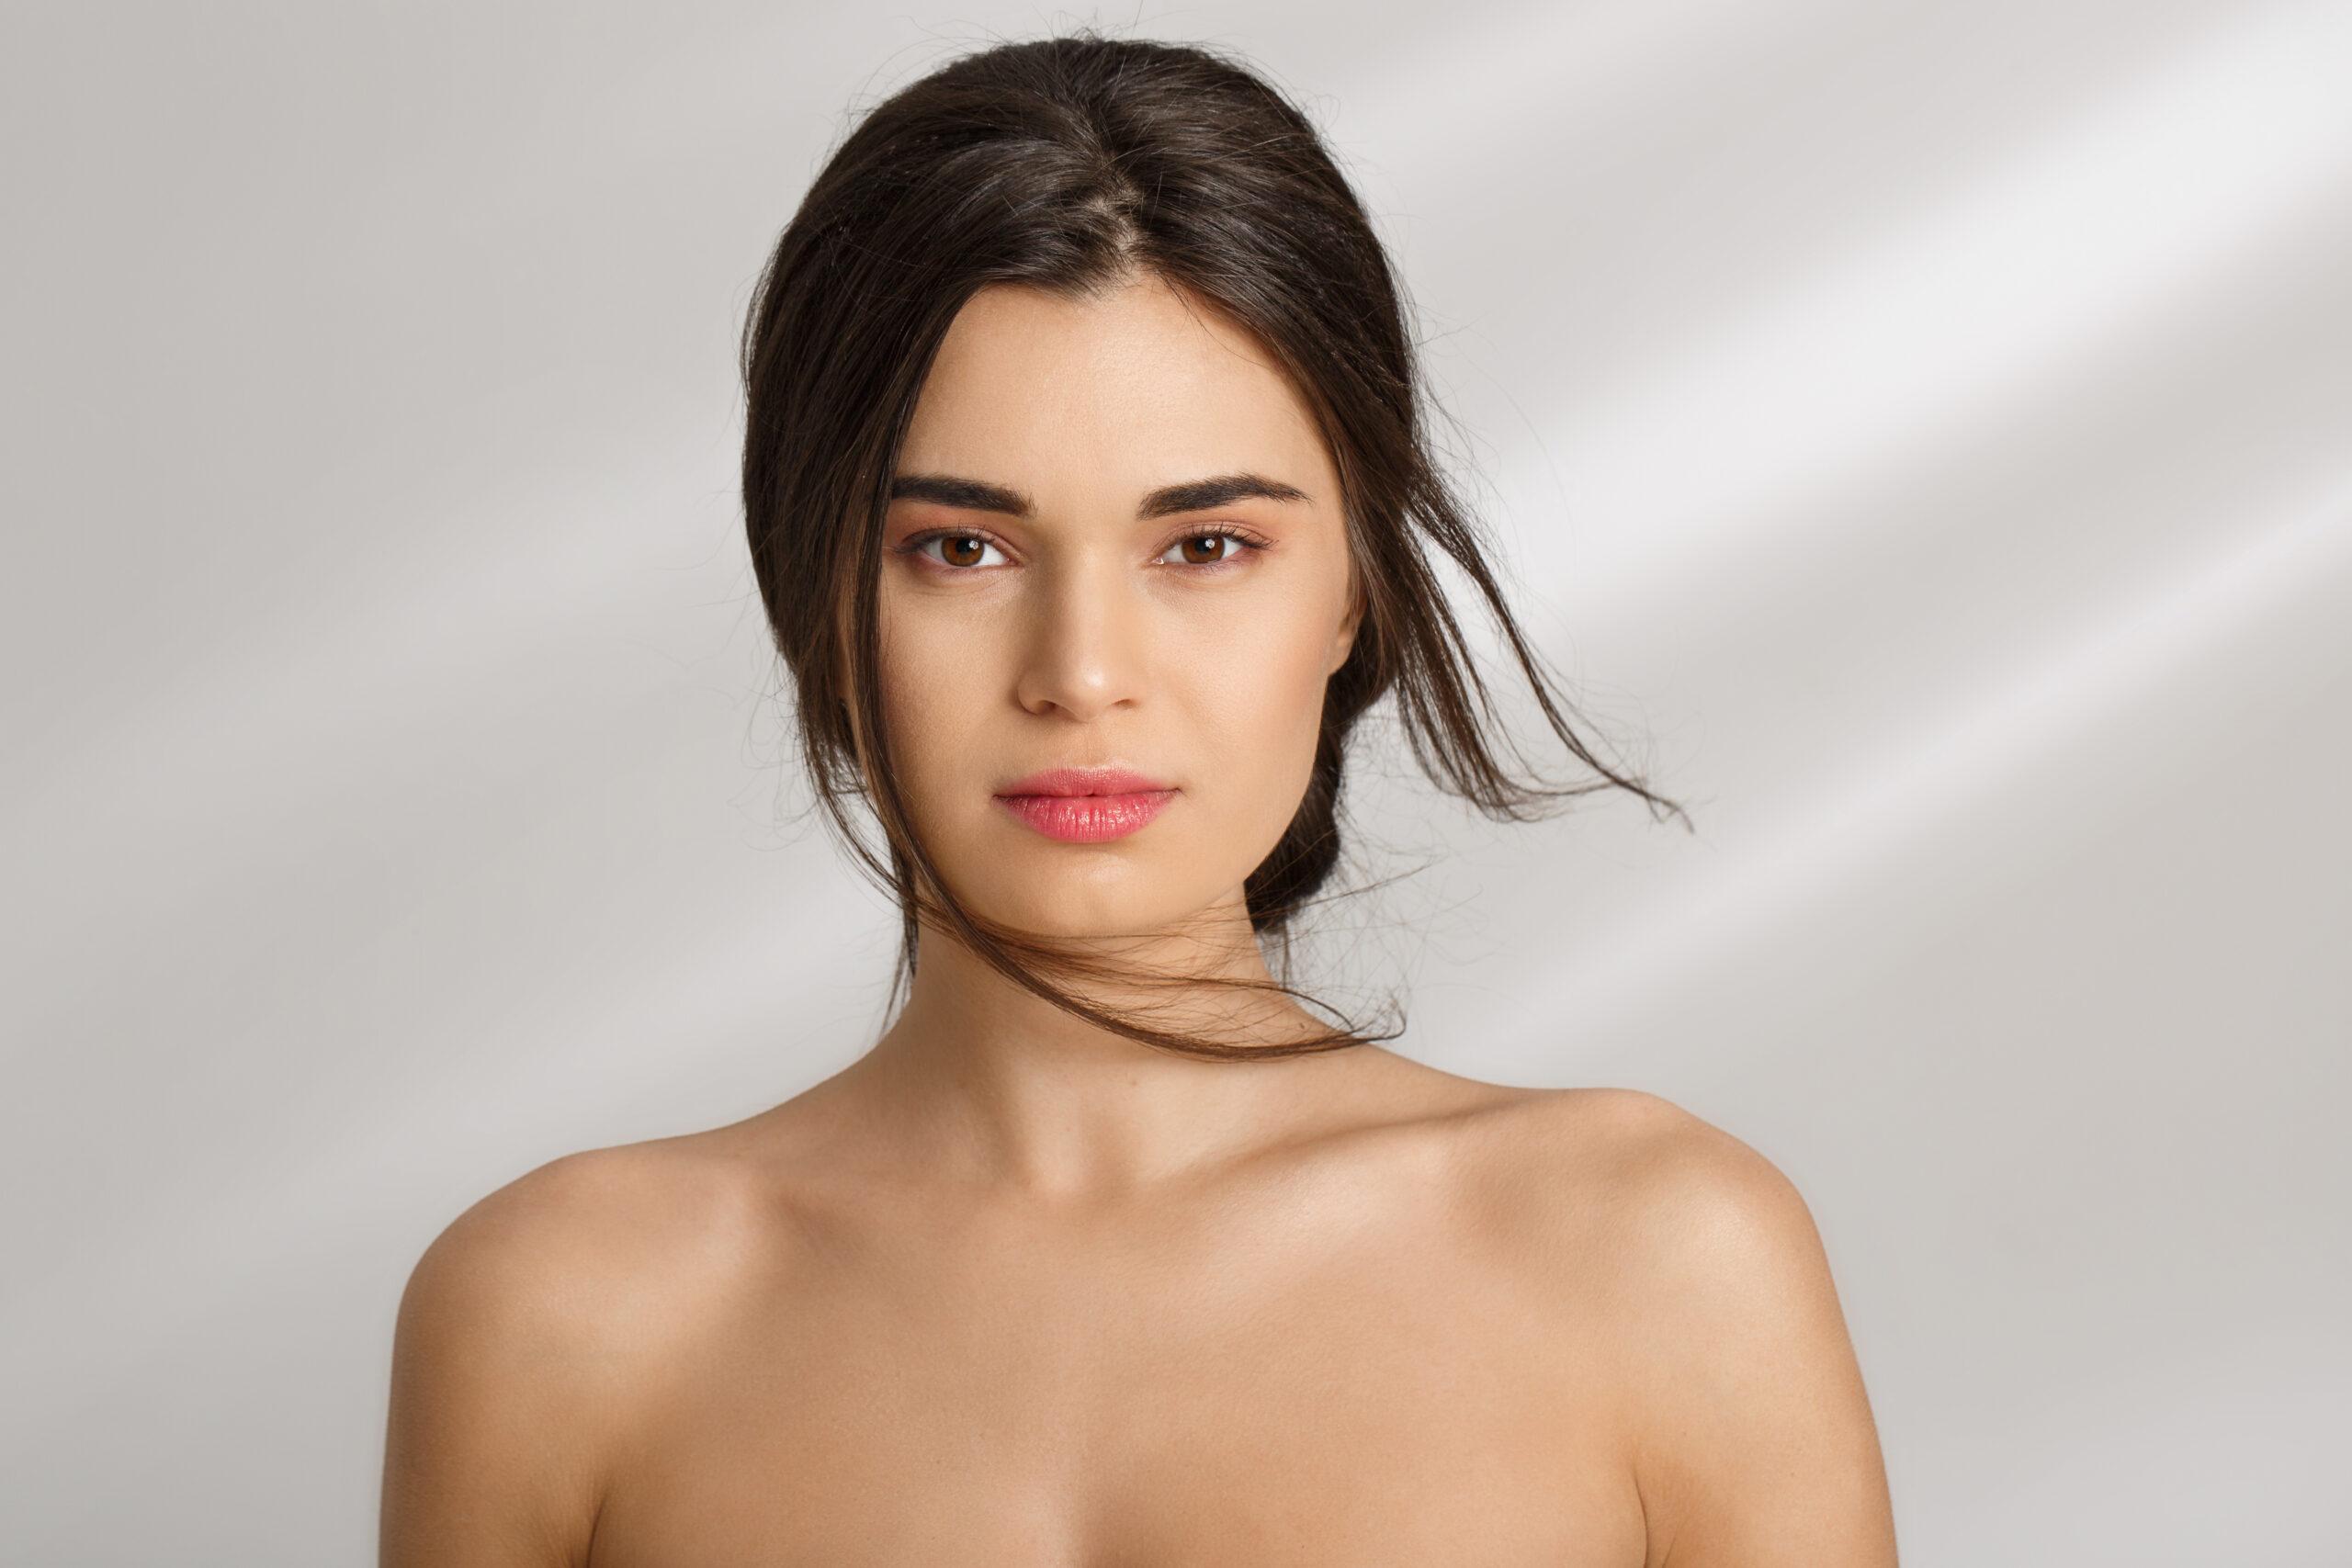 manfaat hyaluronic acid untuk wajah